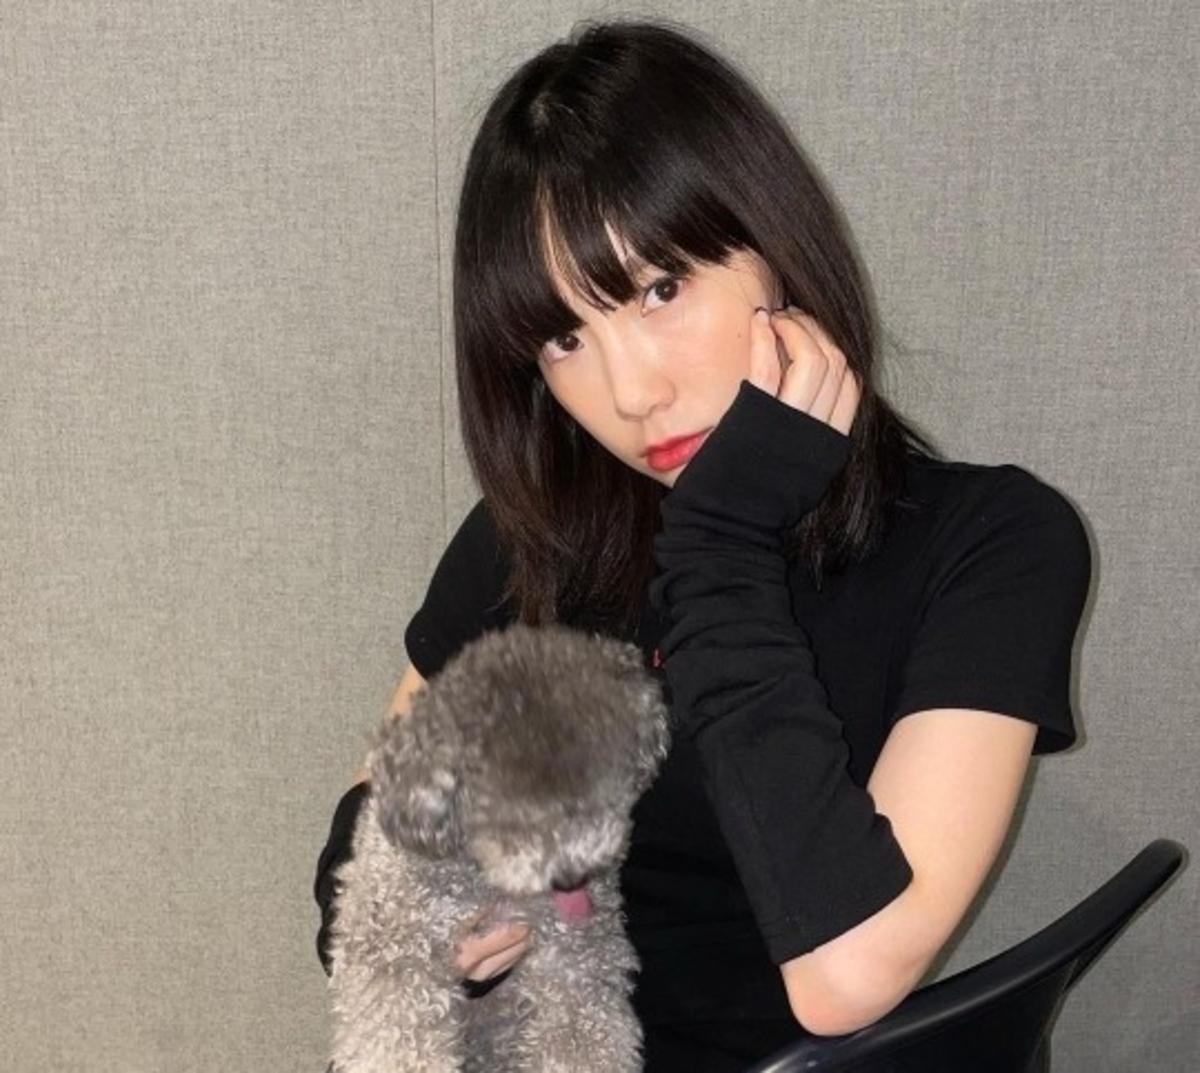 少女时代金泰妍与爱犬合照笑容满面 时尚黑色搭配备受瞩目